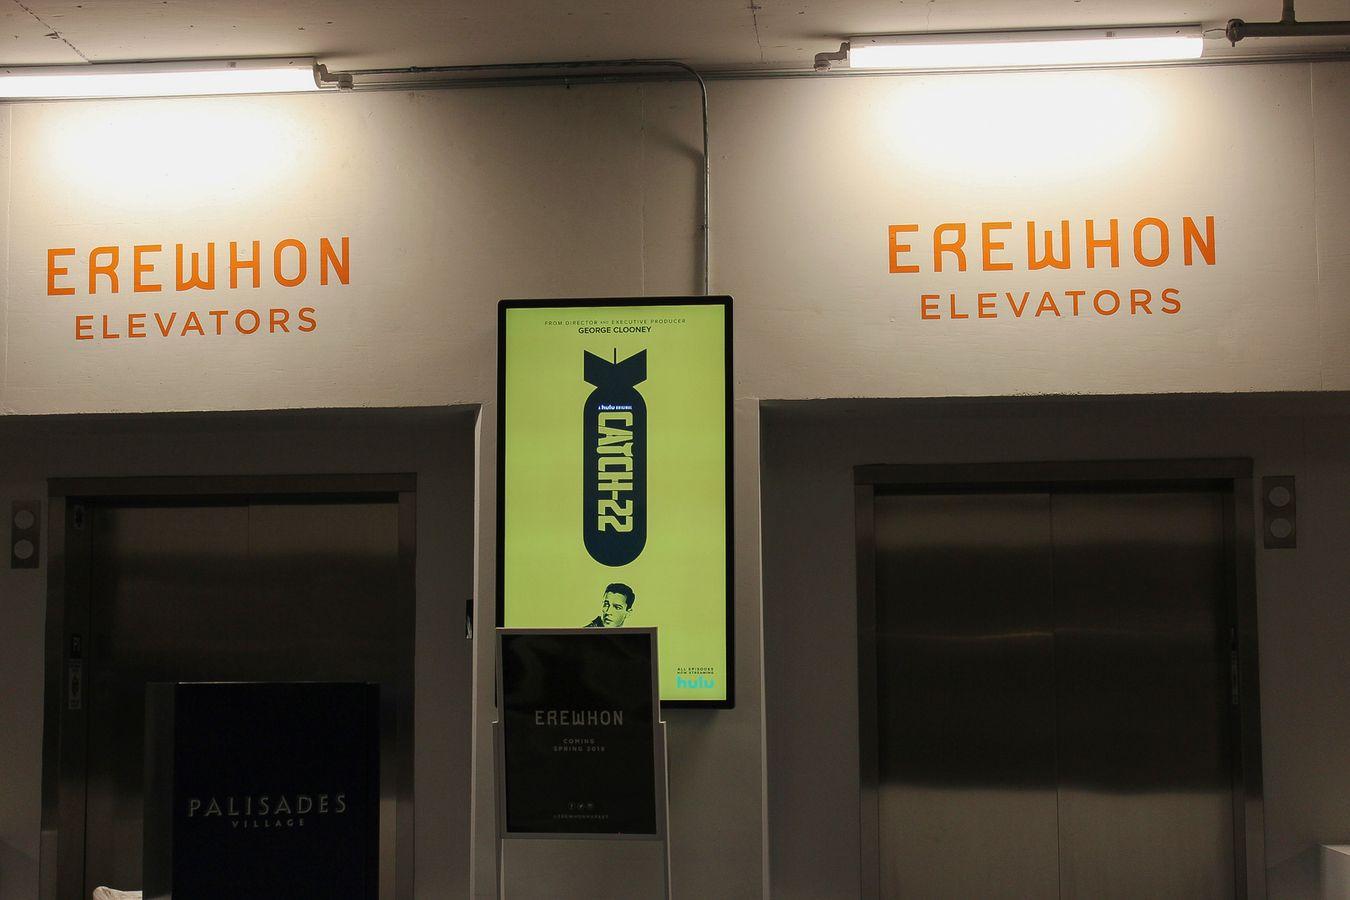 Erewhon elevator signs